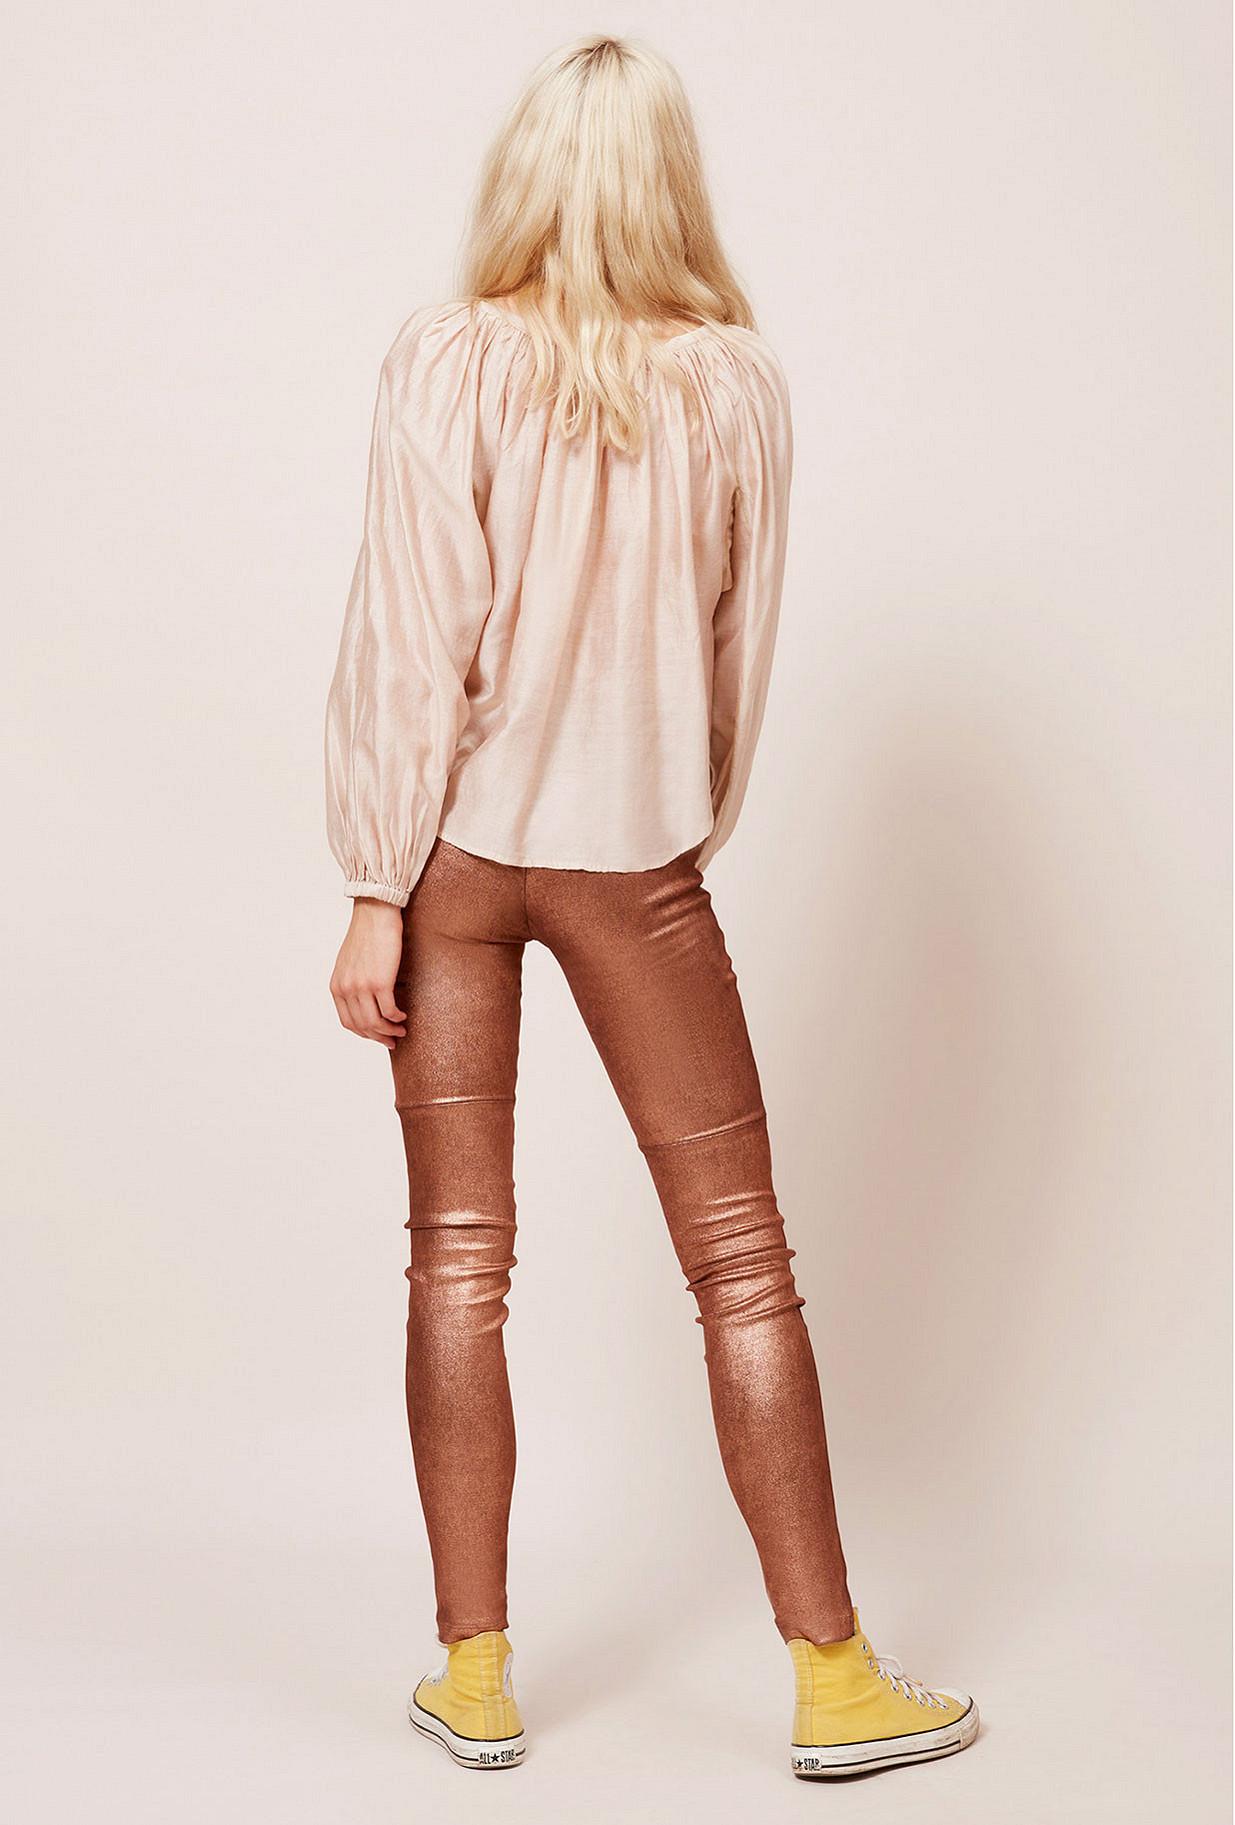 Paris boutique de mode vêtement Legging créateur bohème  Esther